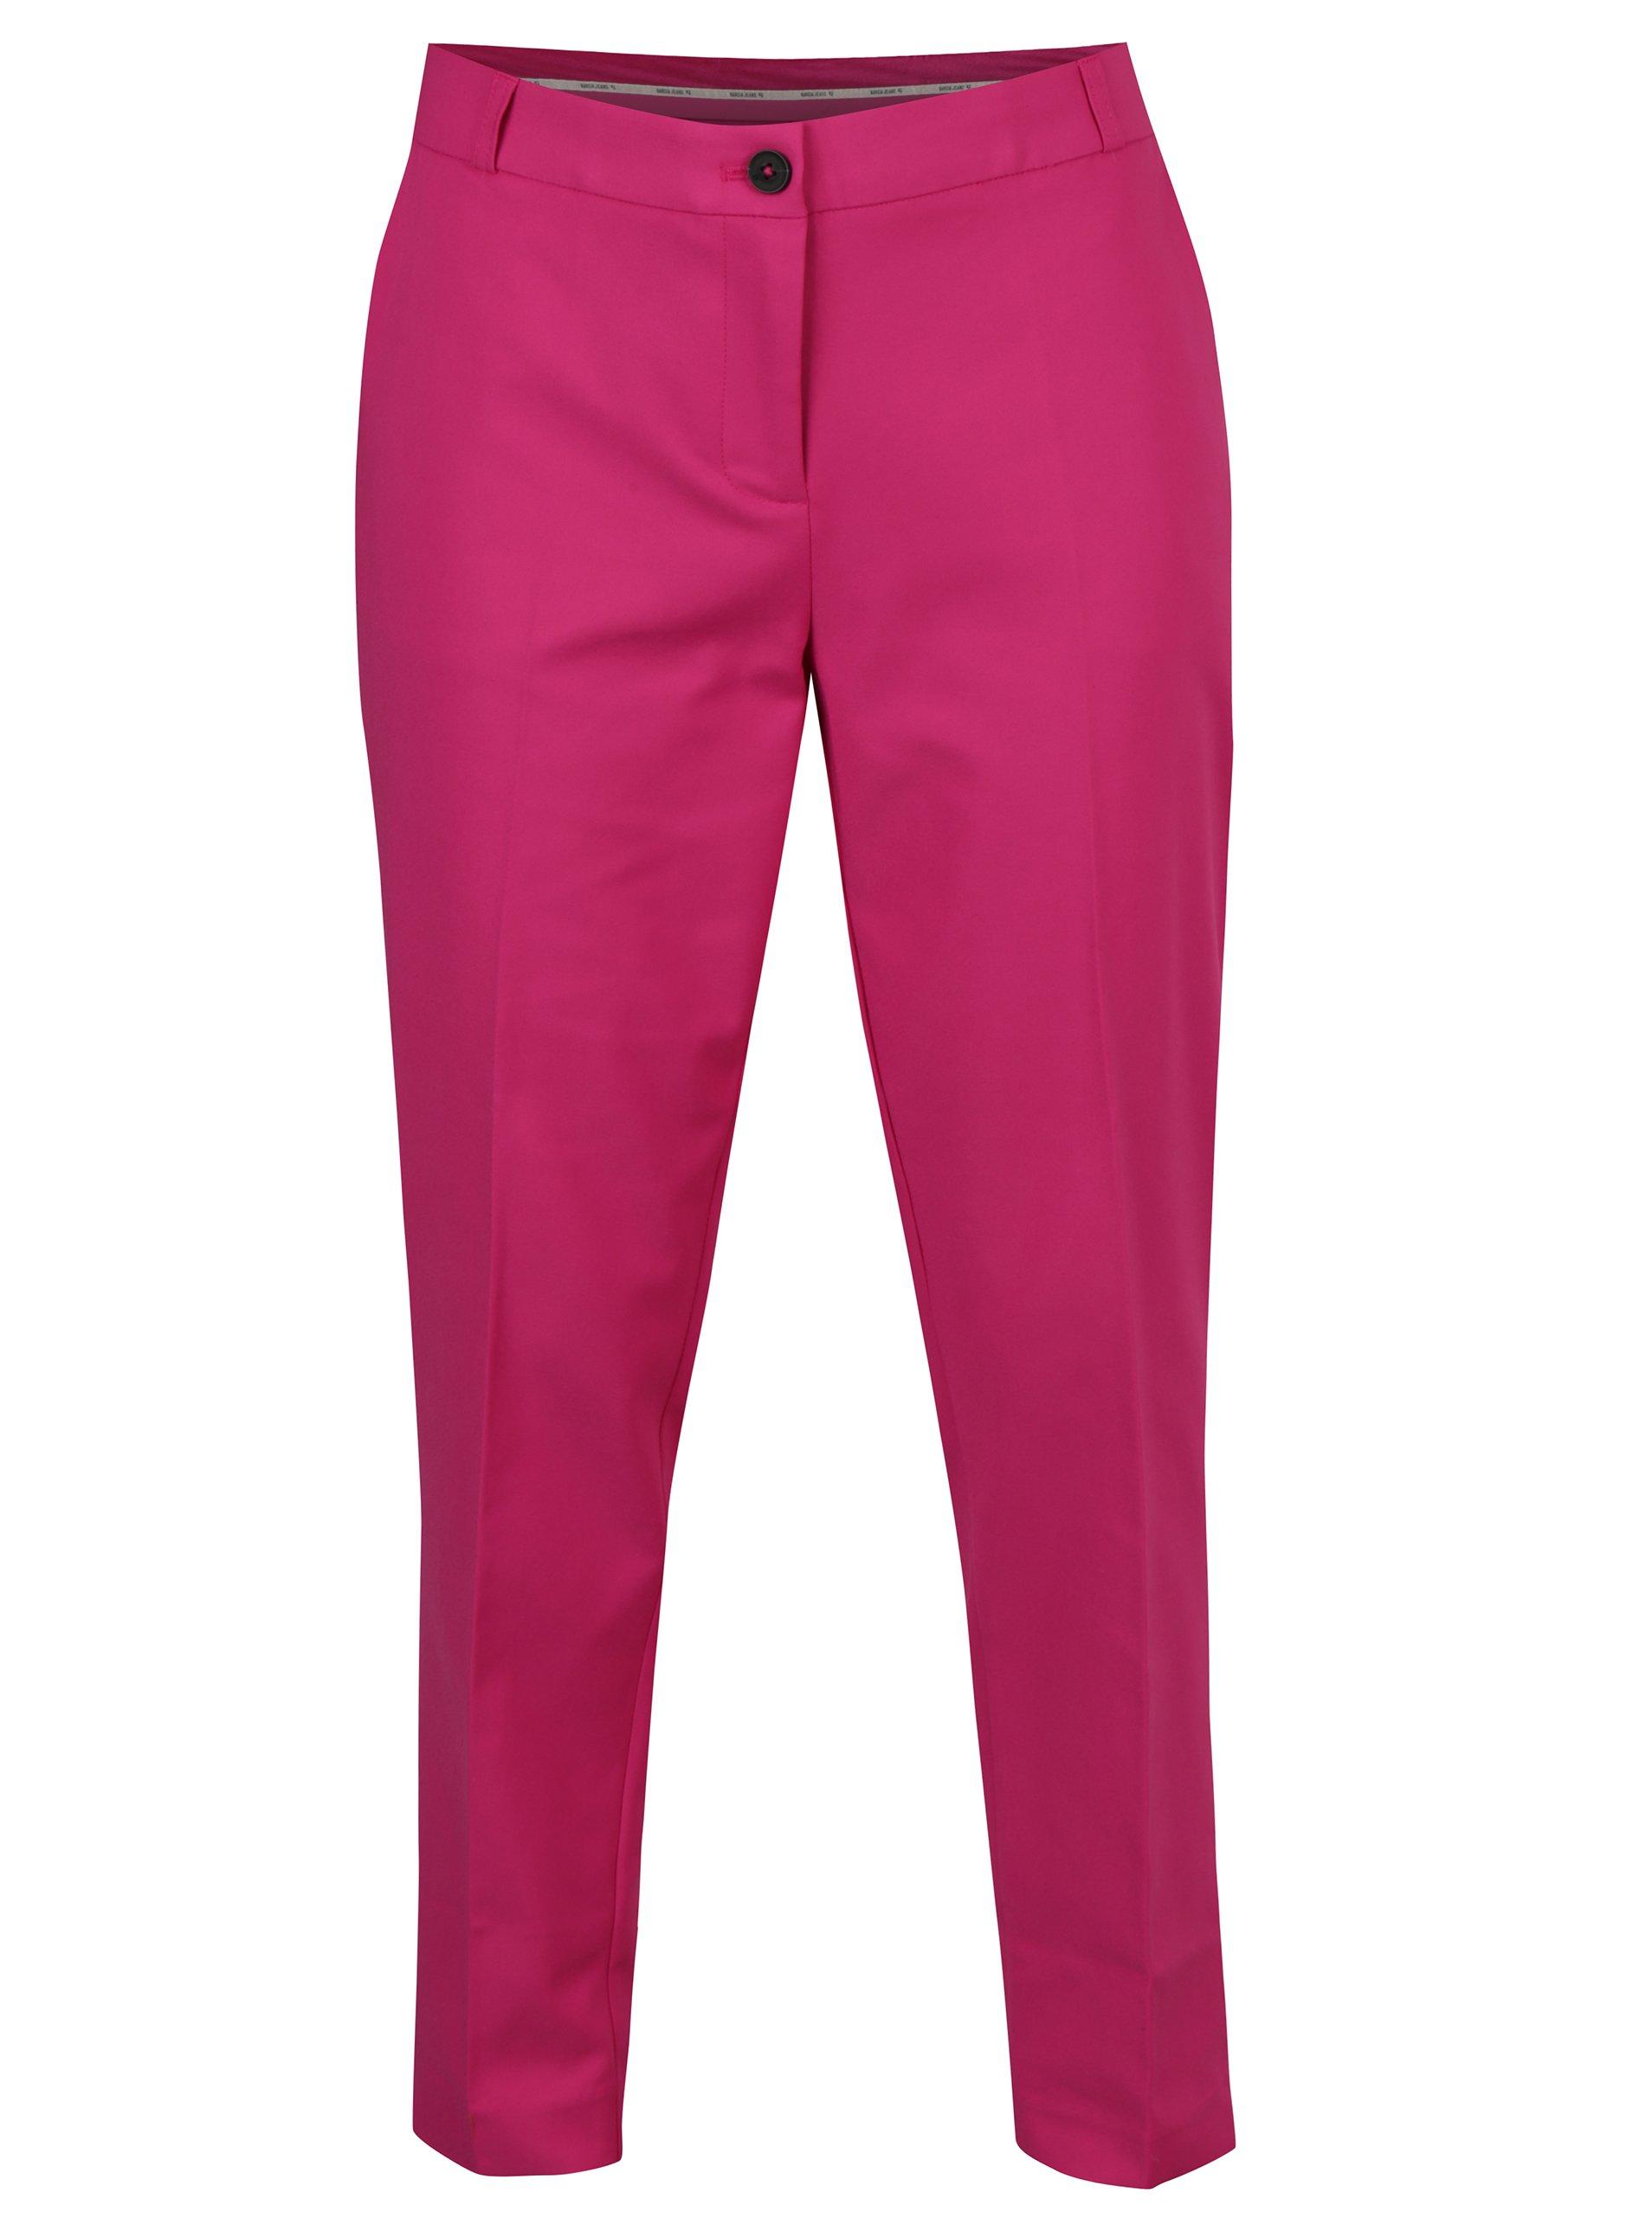 Fotografie Růžové dámské kalhoty s vysokým sedem Garcia Jeans